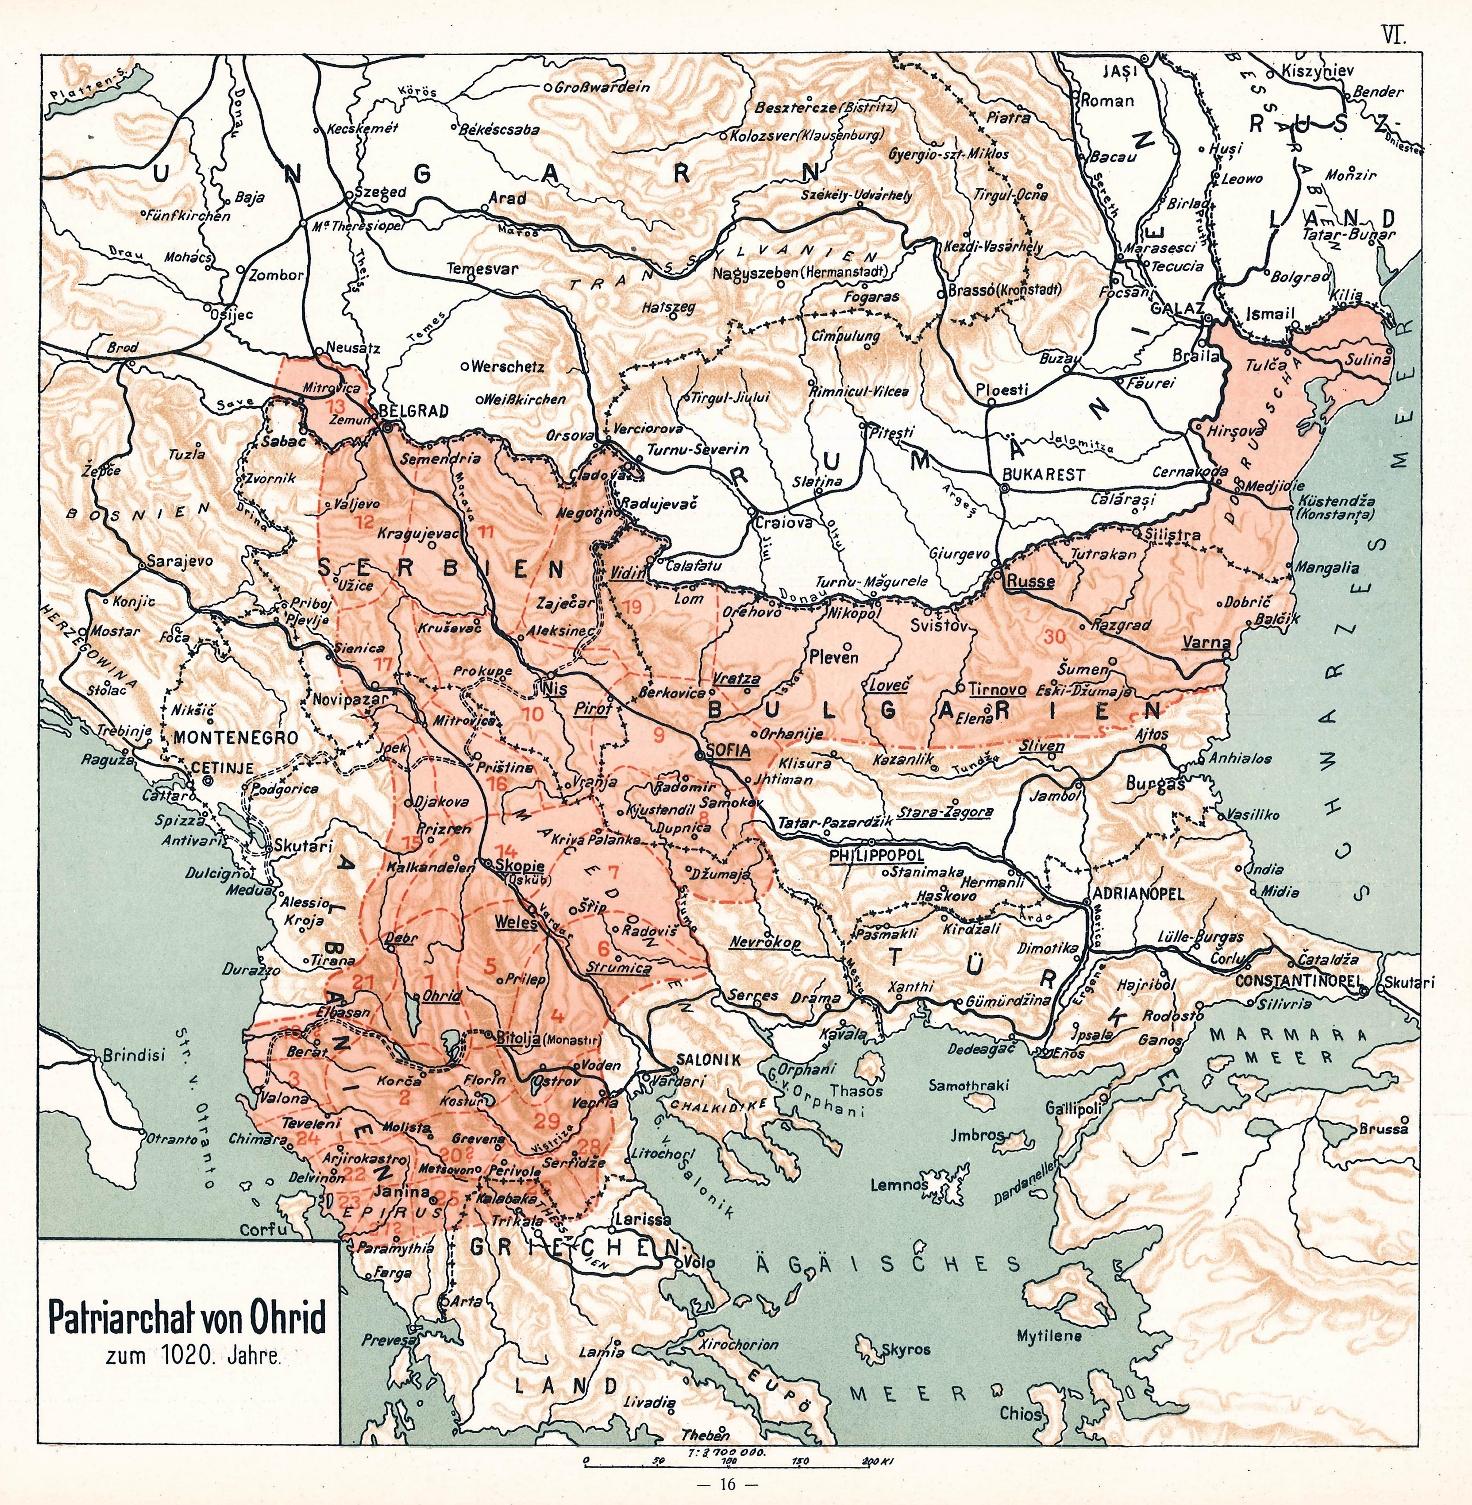 Епархии на Охридската архиепископия към 1020 година според Грамотите на император Василий II (карта на Димитър Ризов, 1917 г.)